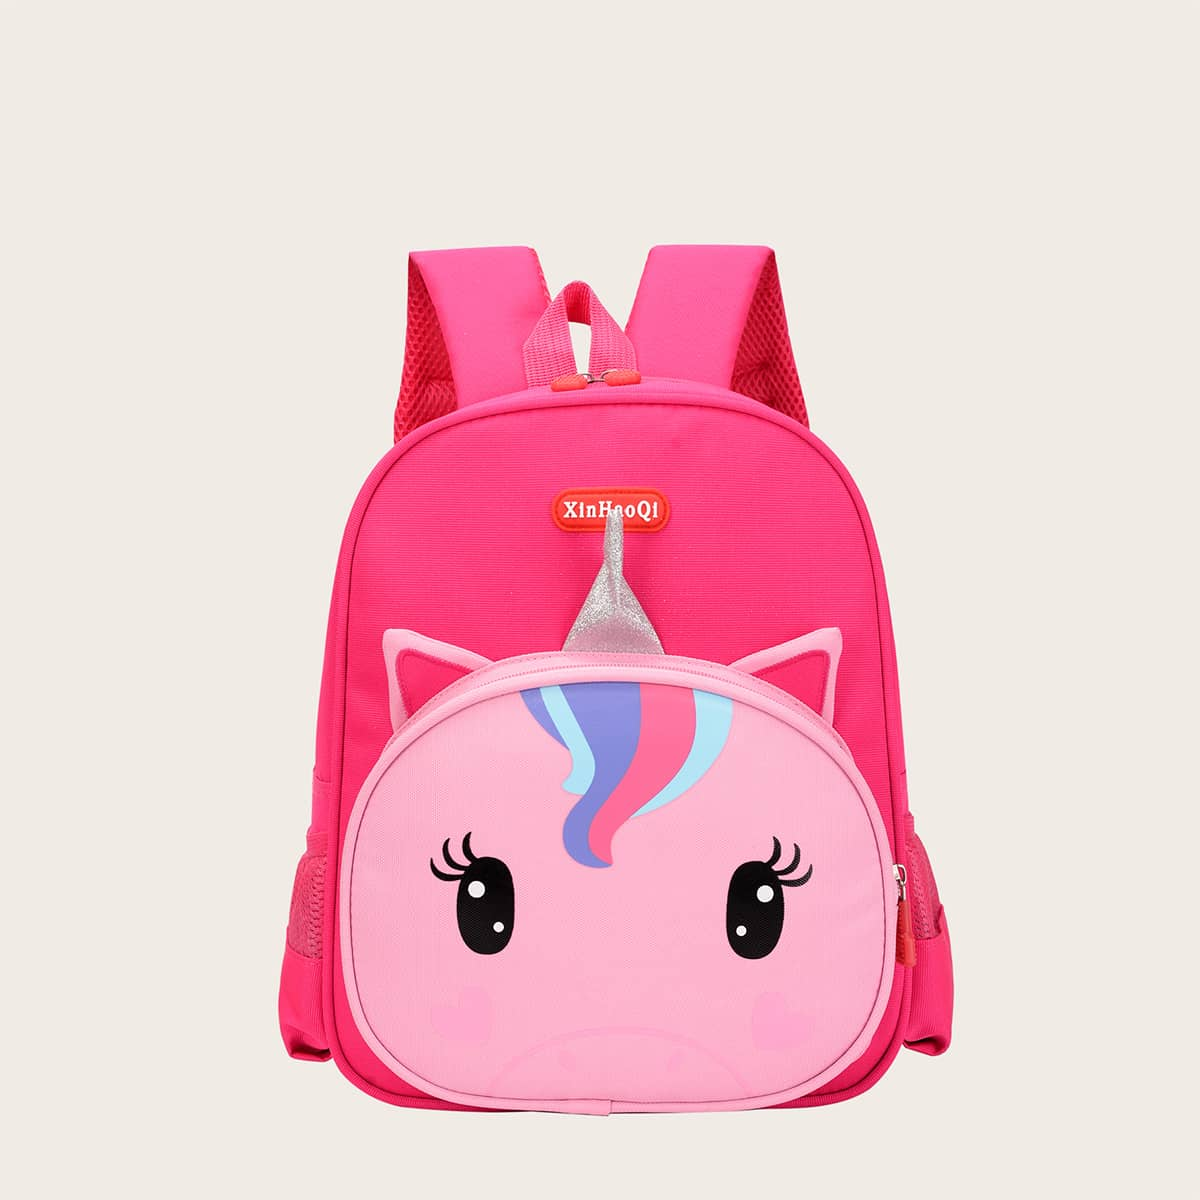 Рюкзак с узором с узором единорога для девочек SheIn sk2108114018207018